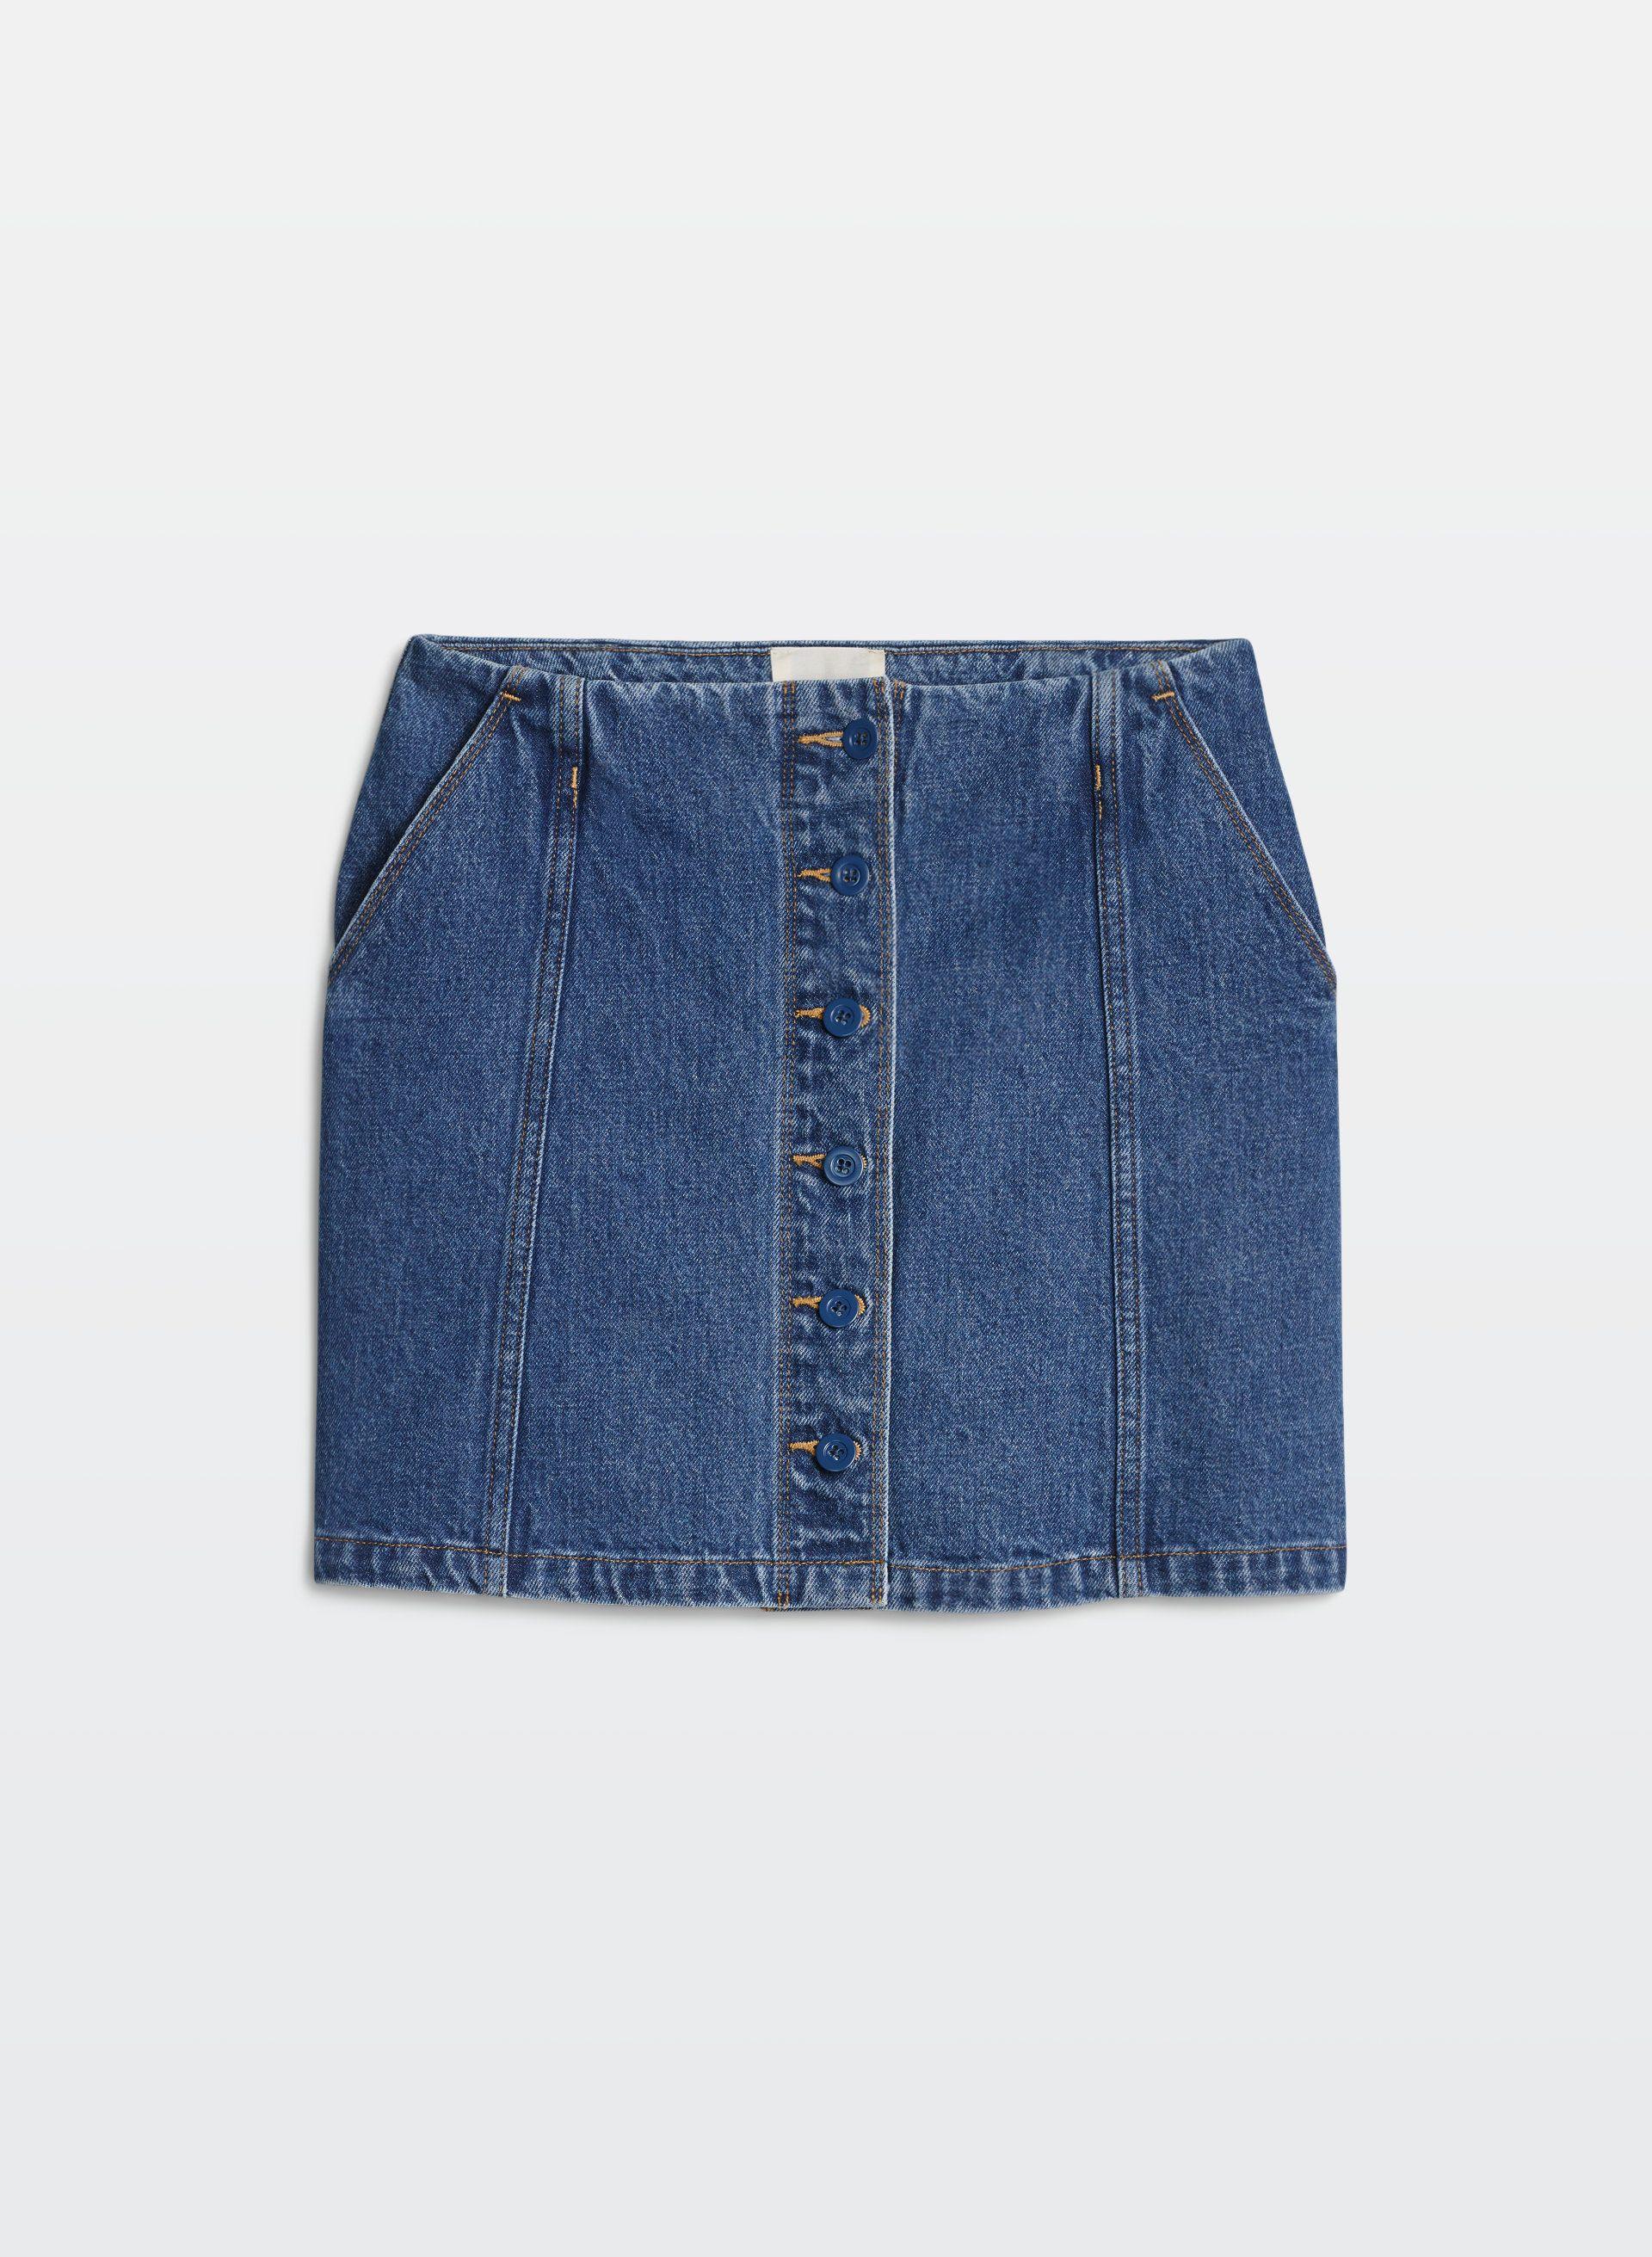 659fcaf56b37 Ahrens skirt   Spring•summer outfits   Skirts, Denim skirt, Mini skirts